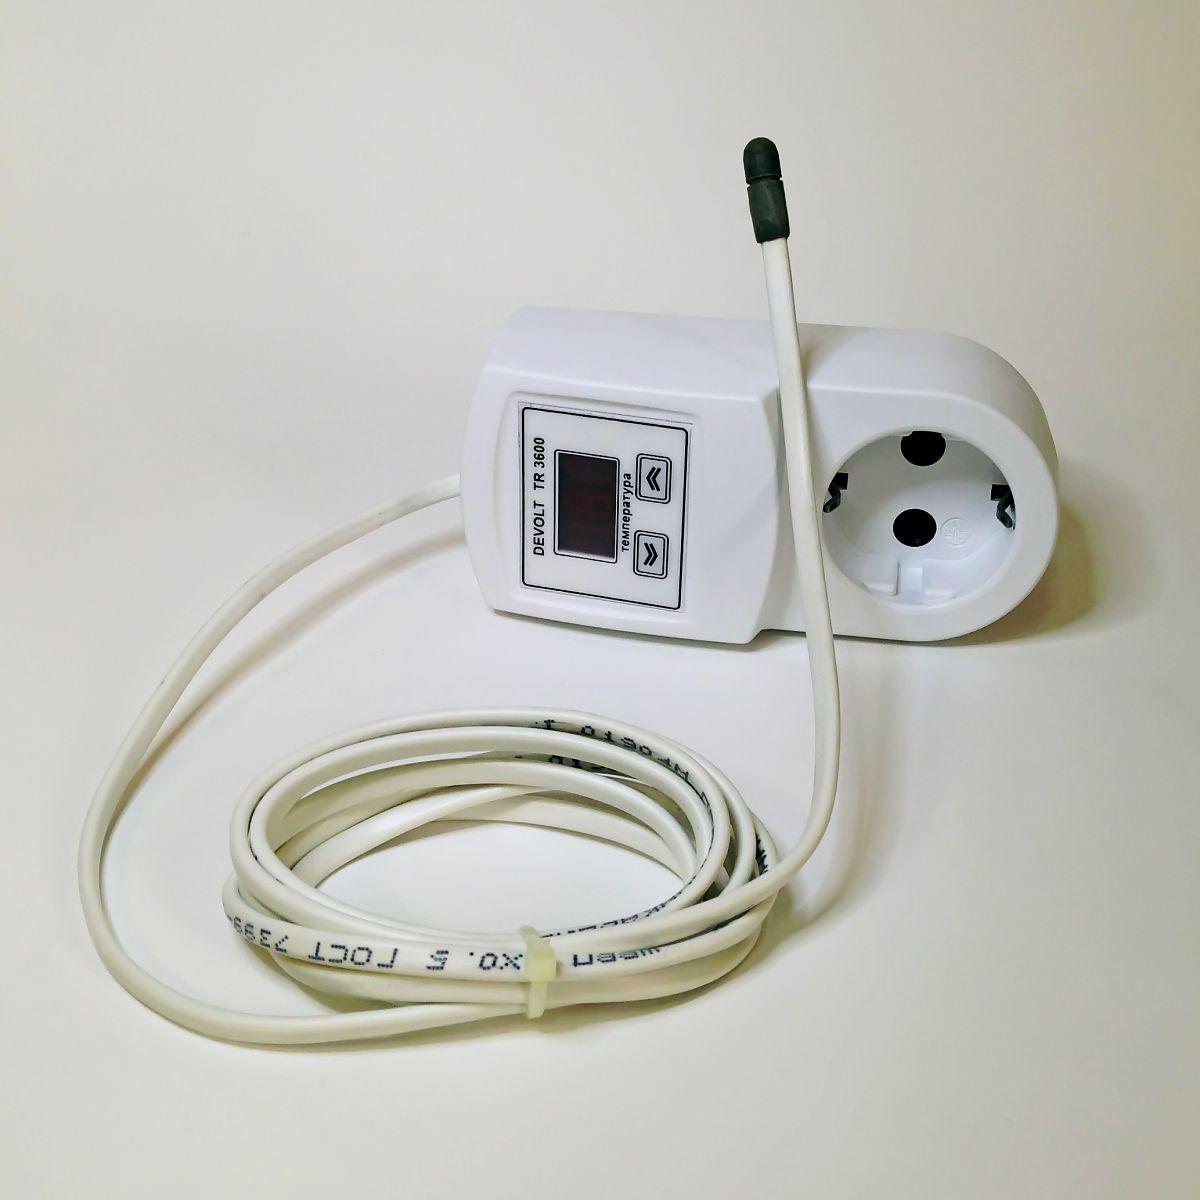 Терморегулятор с датчиком